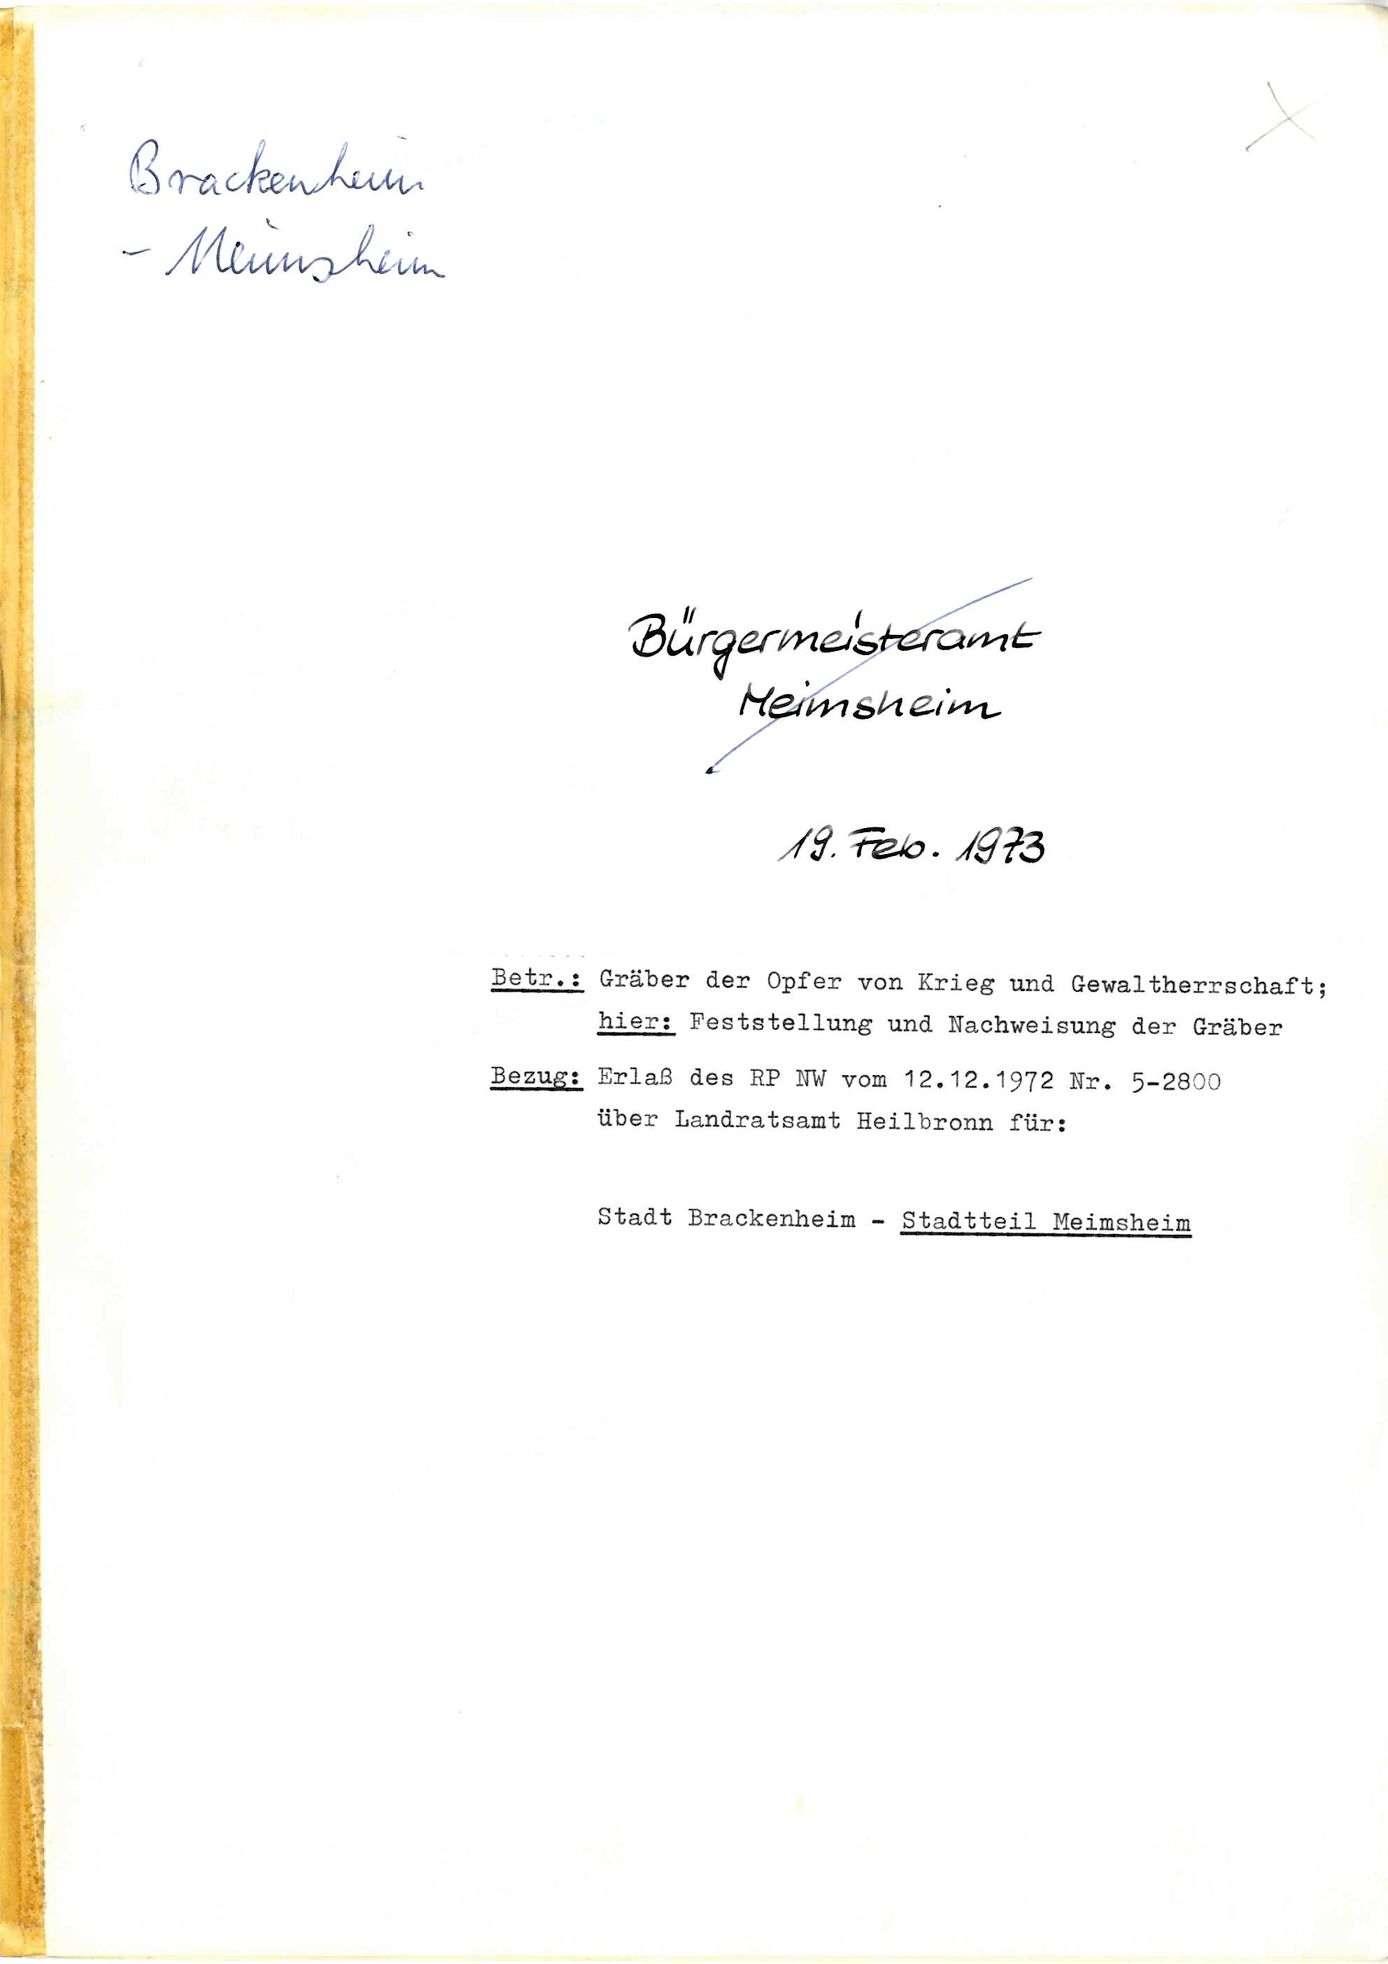 Meimsheim, Bild 1